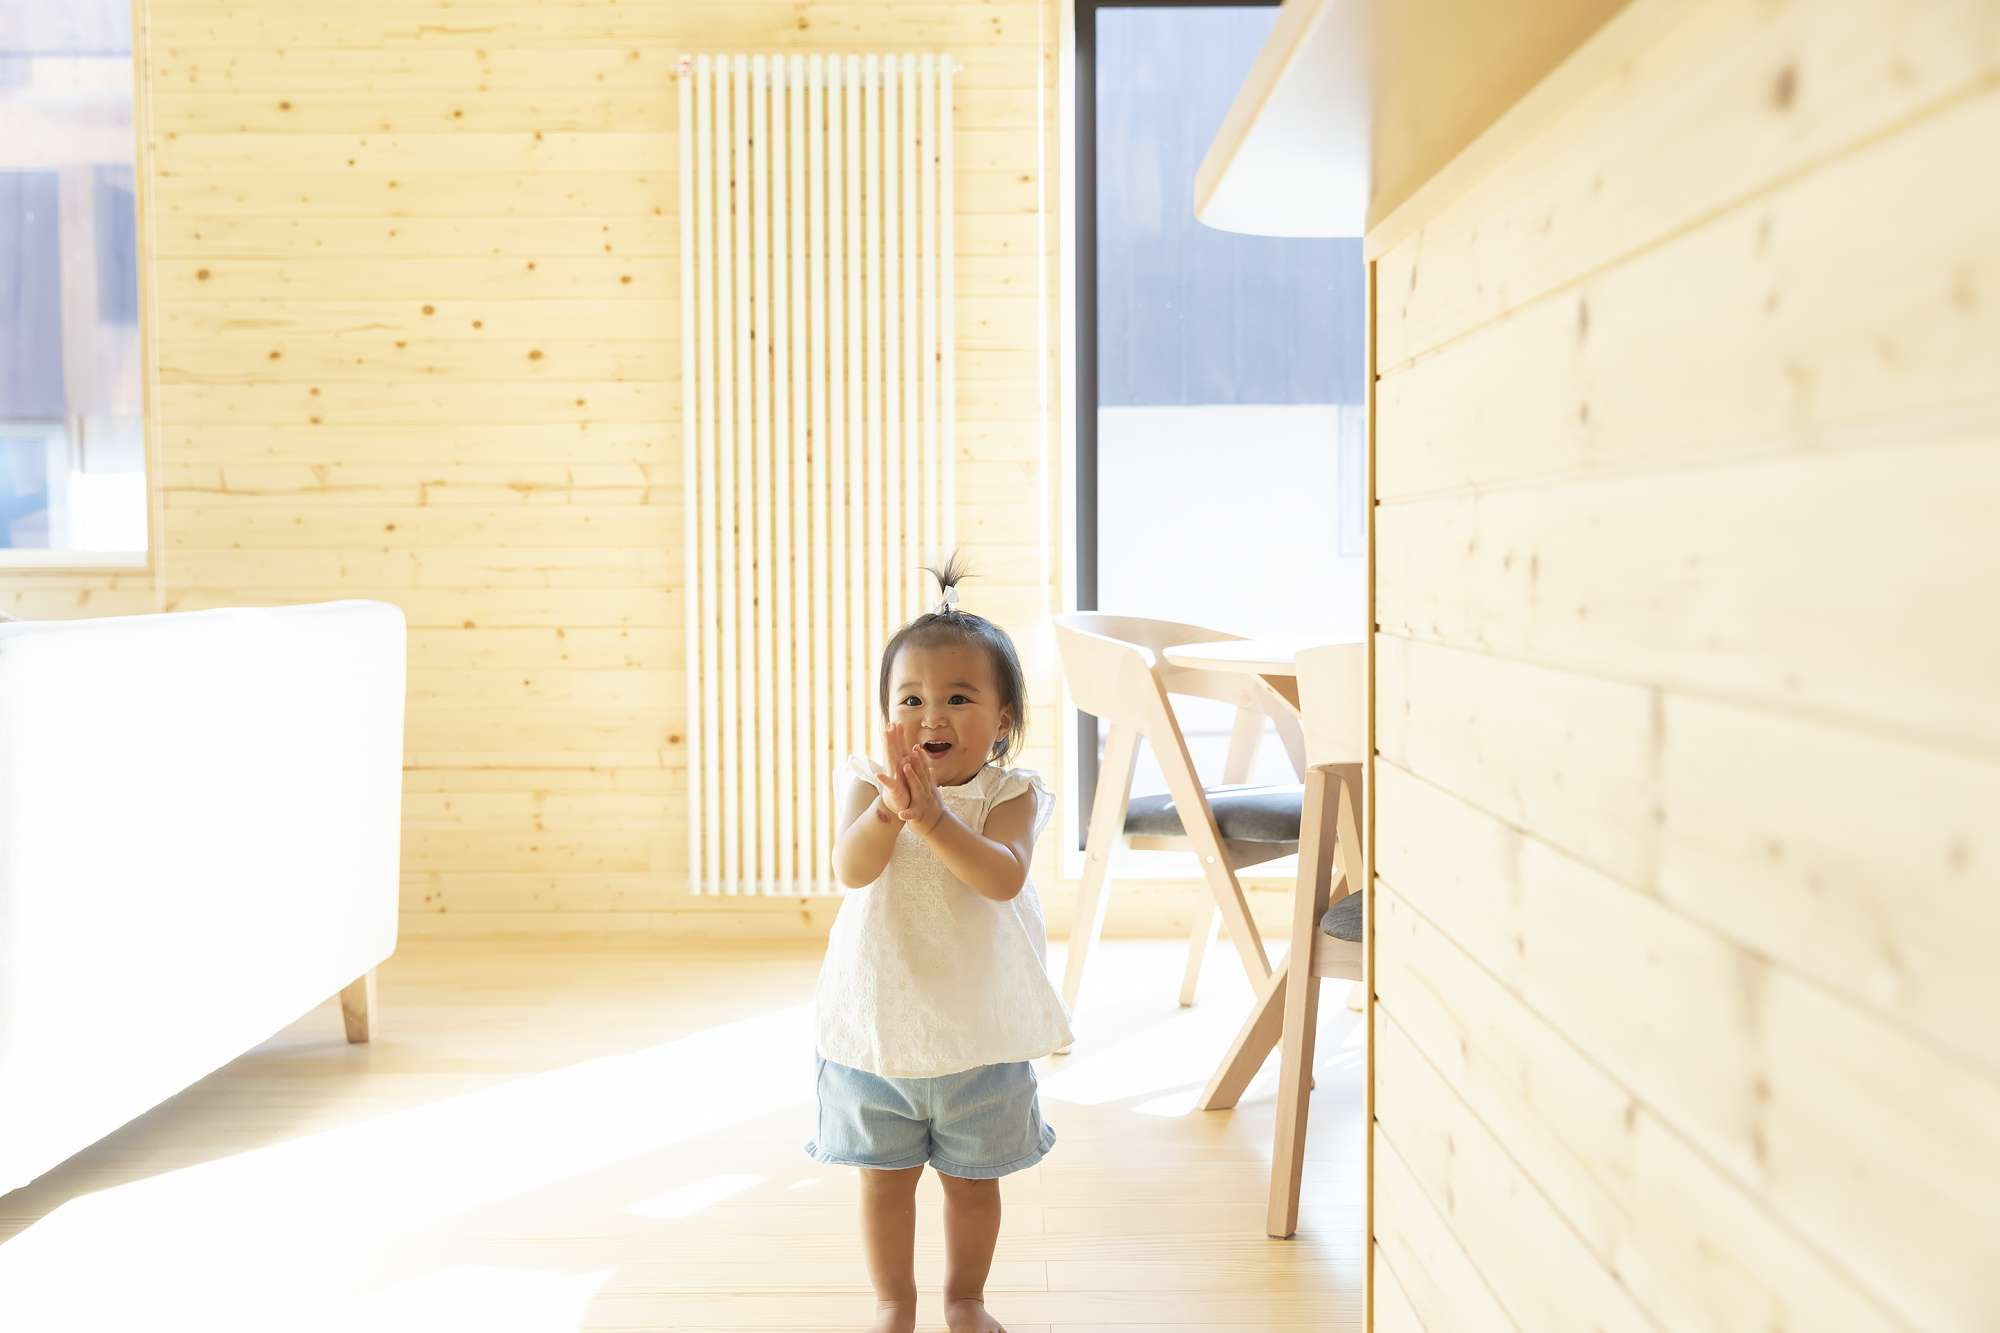 - 木の壁が光をやわらげる室内は、ムクの床からも自然の温もりを感じられる優しいデザイン。娘さんも踊ったり、歌ったりとゴキゲン。 -  -